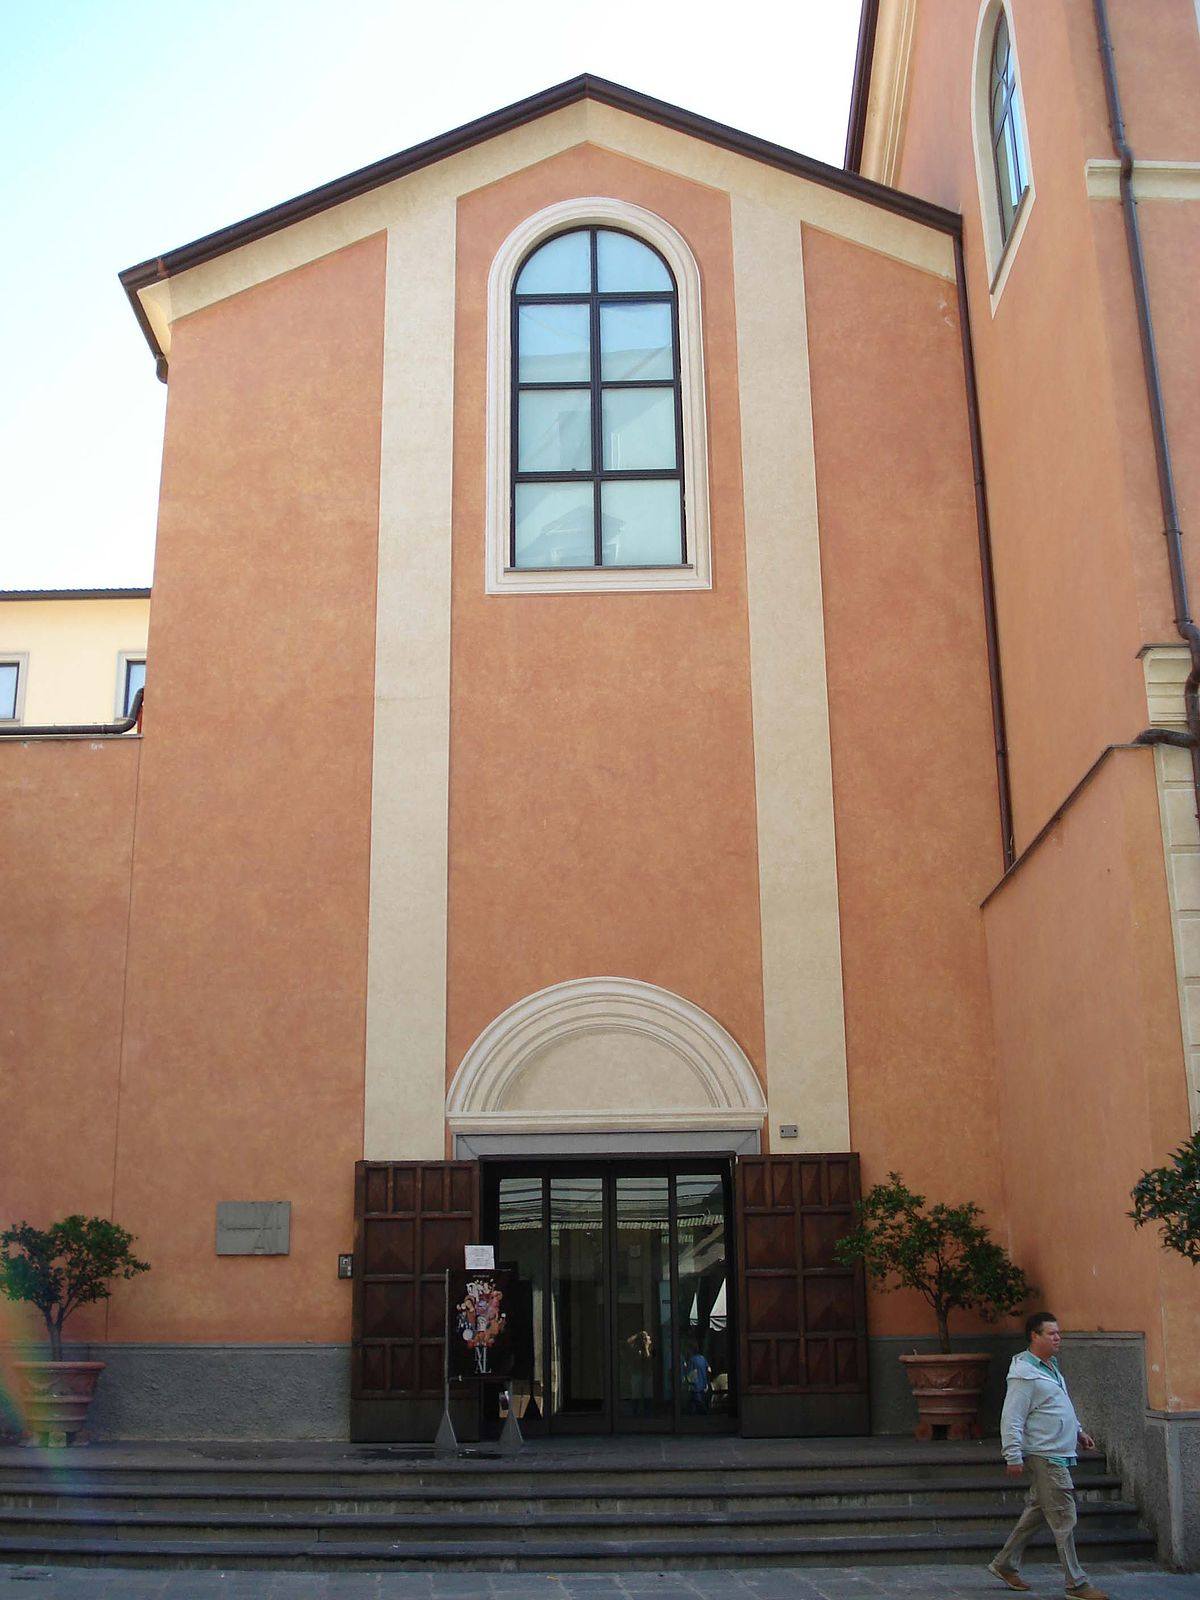 Museo civico amedeo lia wikipedia for Marletto arredamenti la spezia